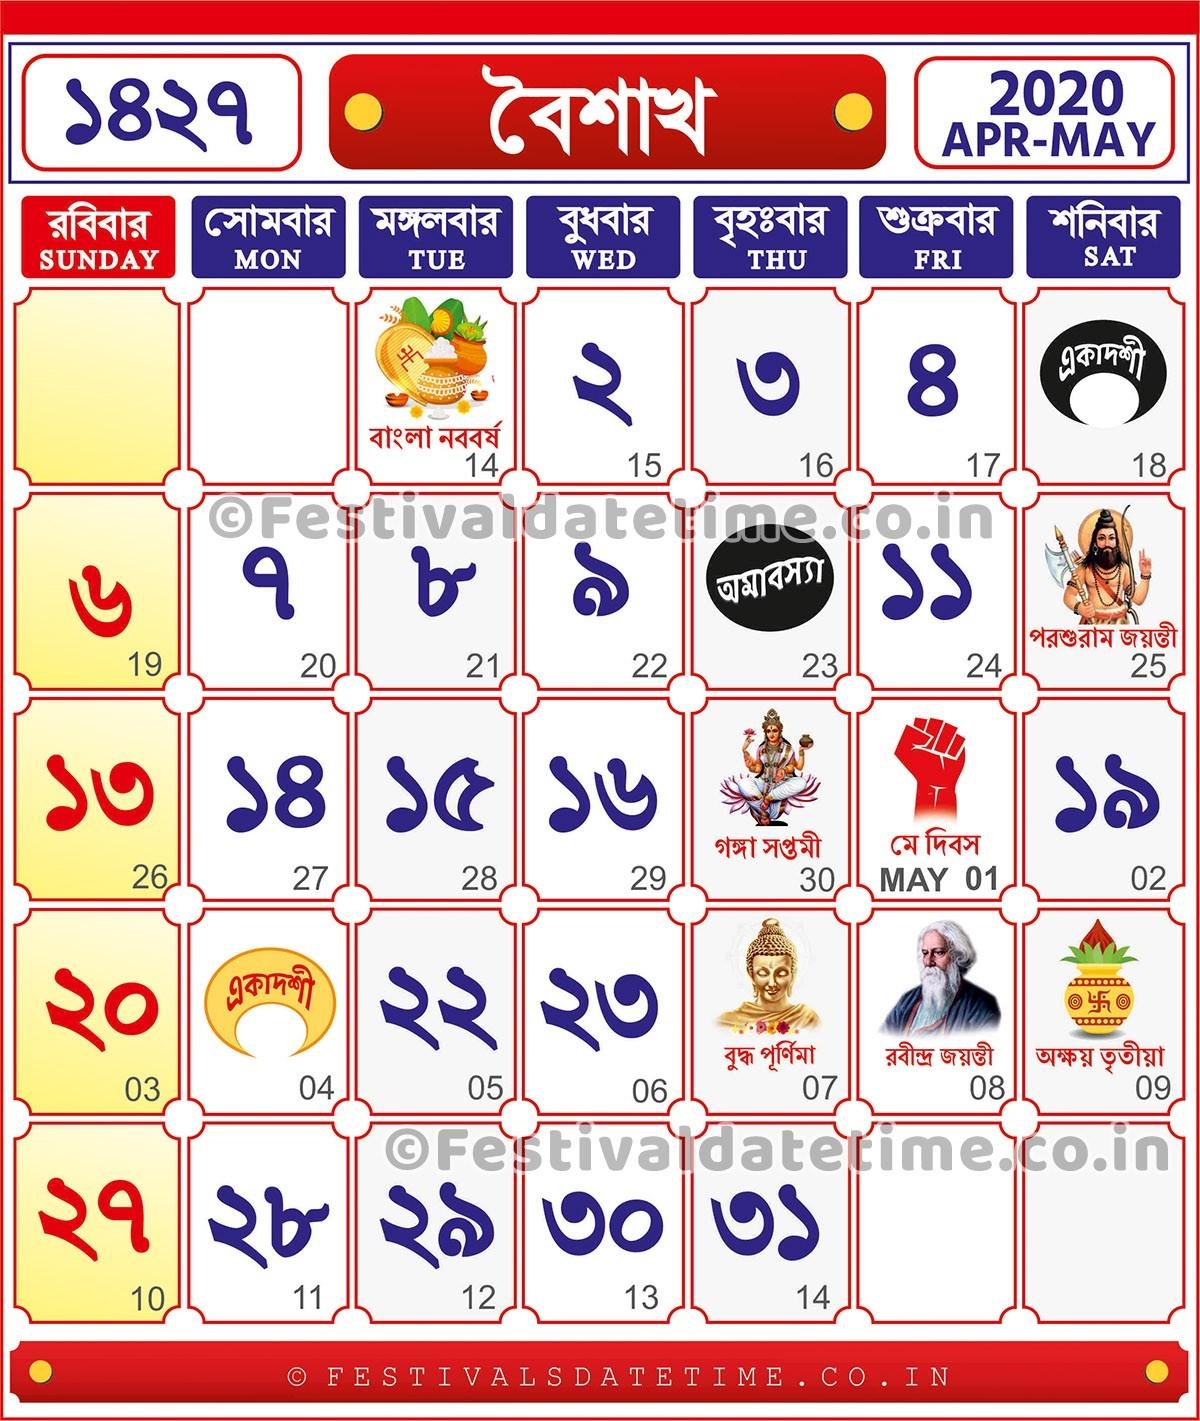 1427 Bengali Calendar - Baisakh 1427, 2020 & 2021 Bengali-January 2020 Calendar Drik Panchang